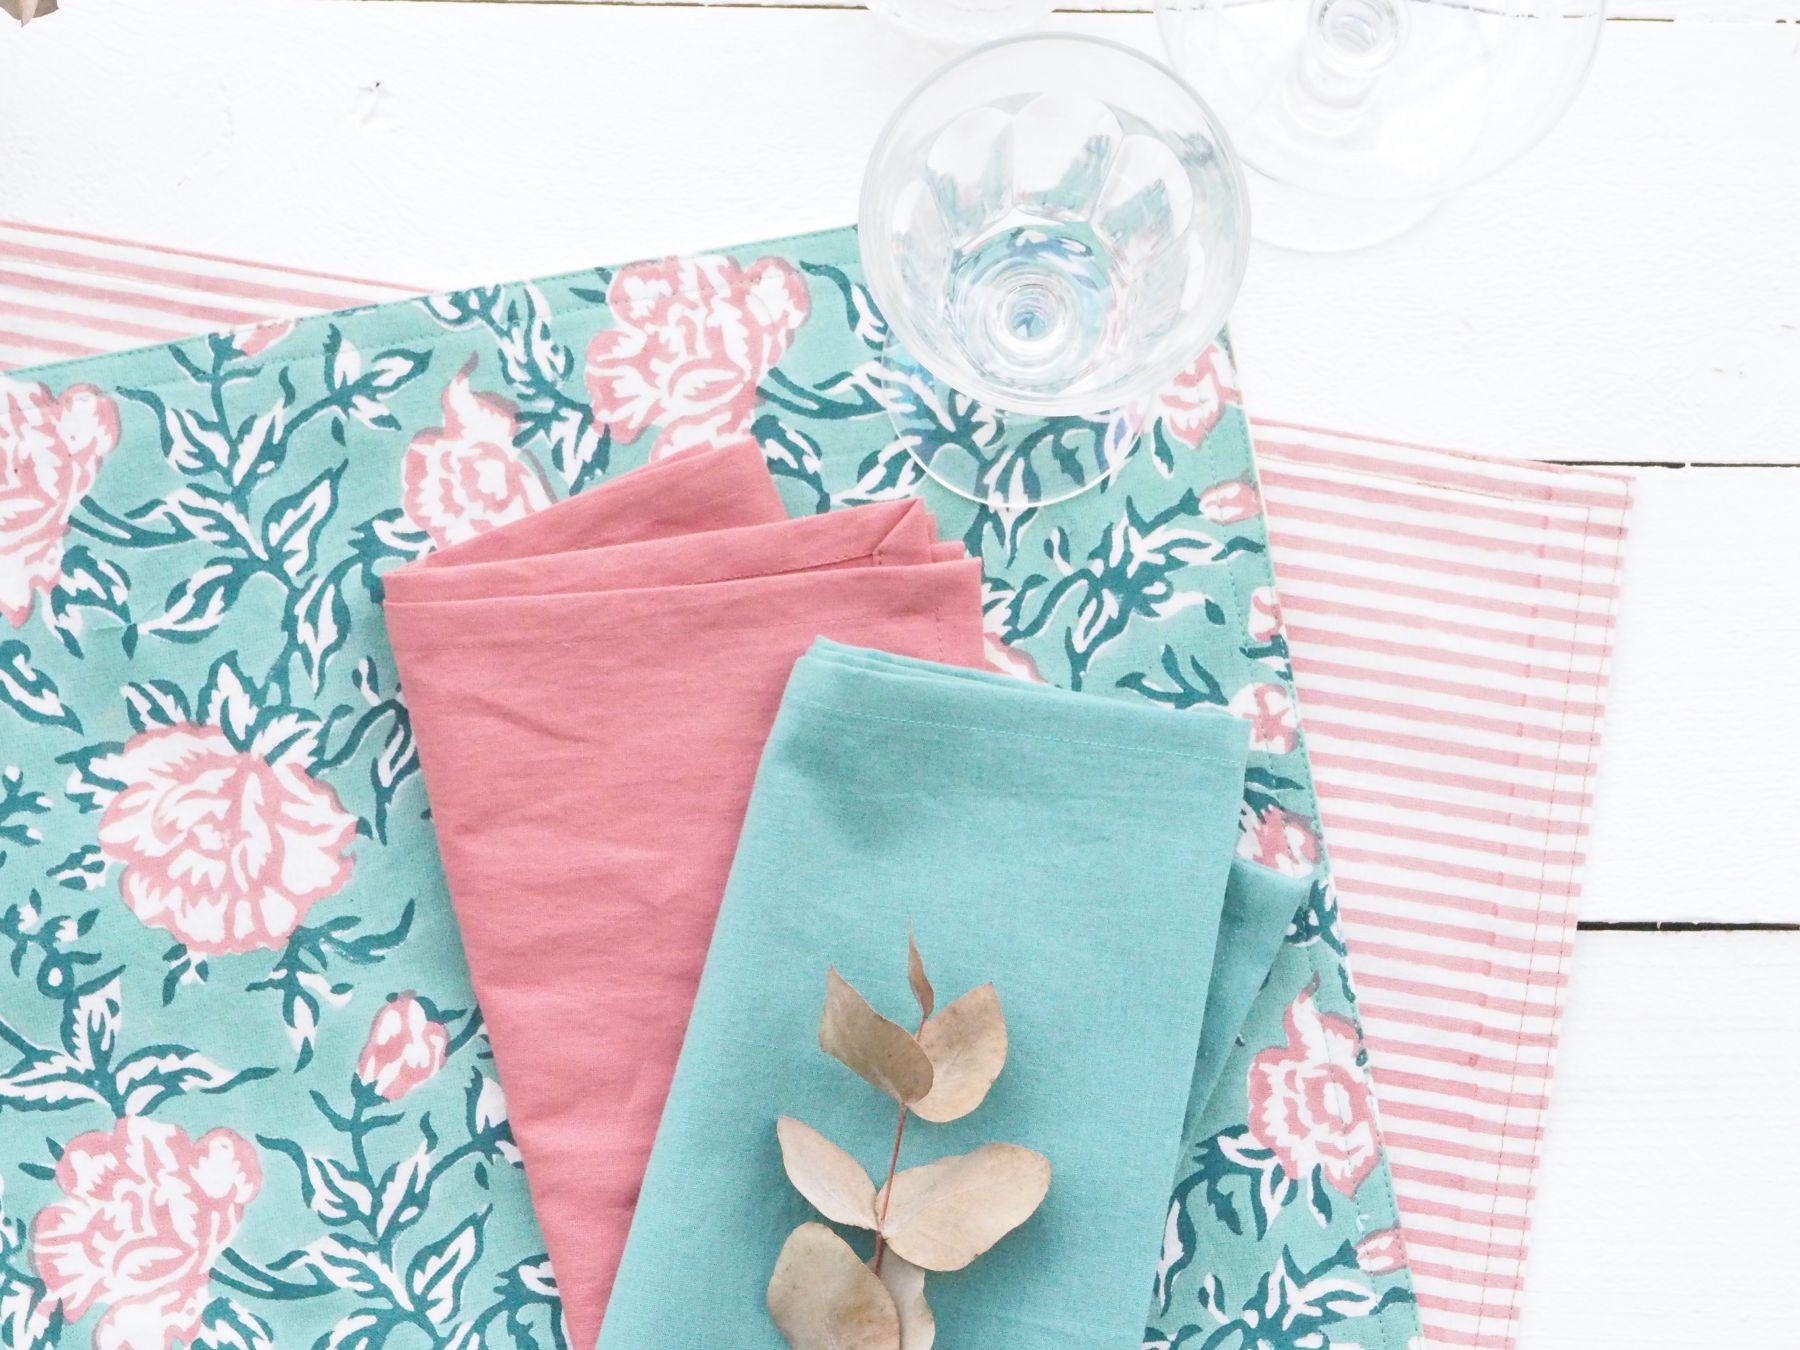 déco table textile bindi atelier